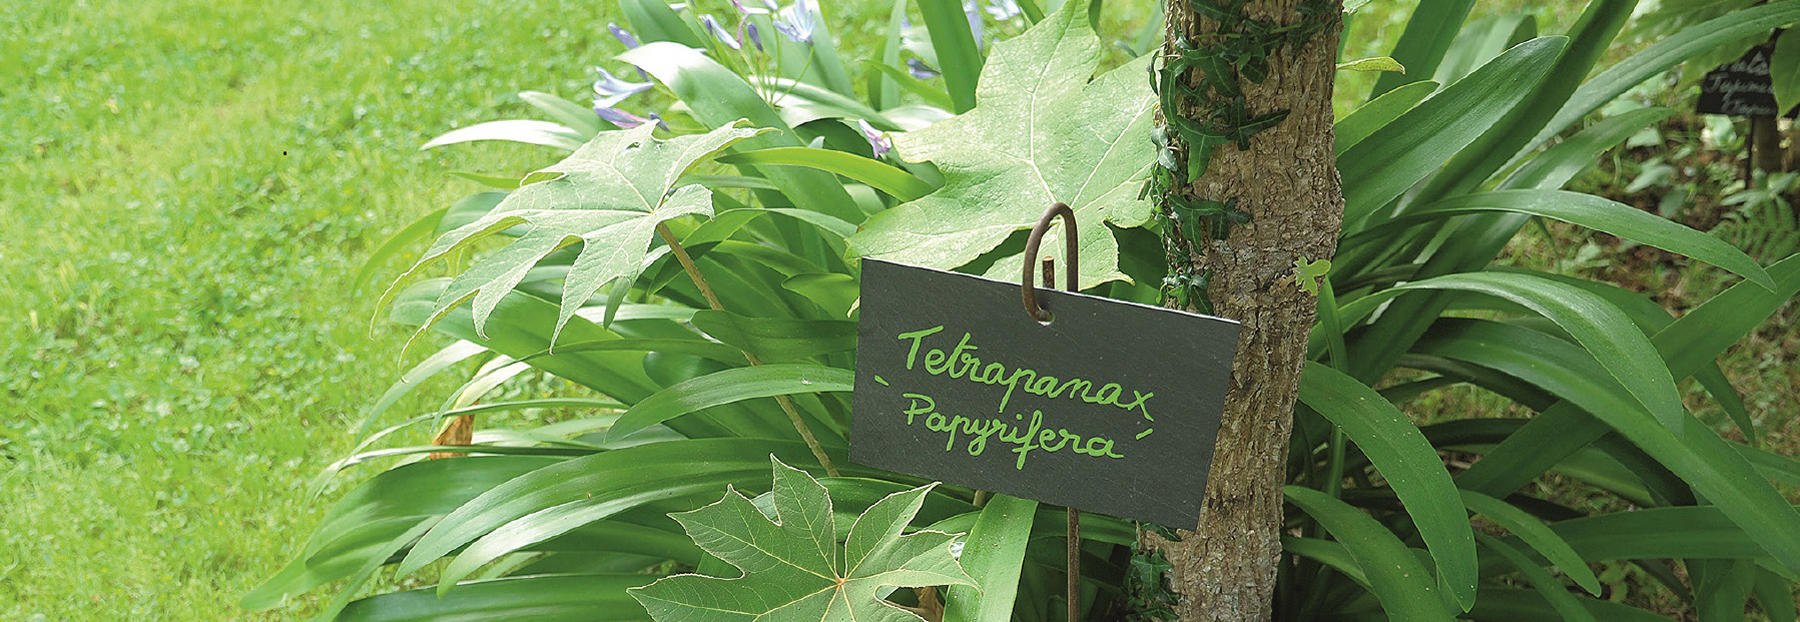 la signalétique des végétaux Un jardin en pente douce